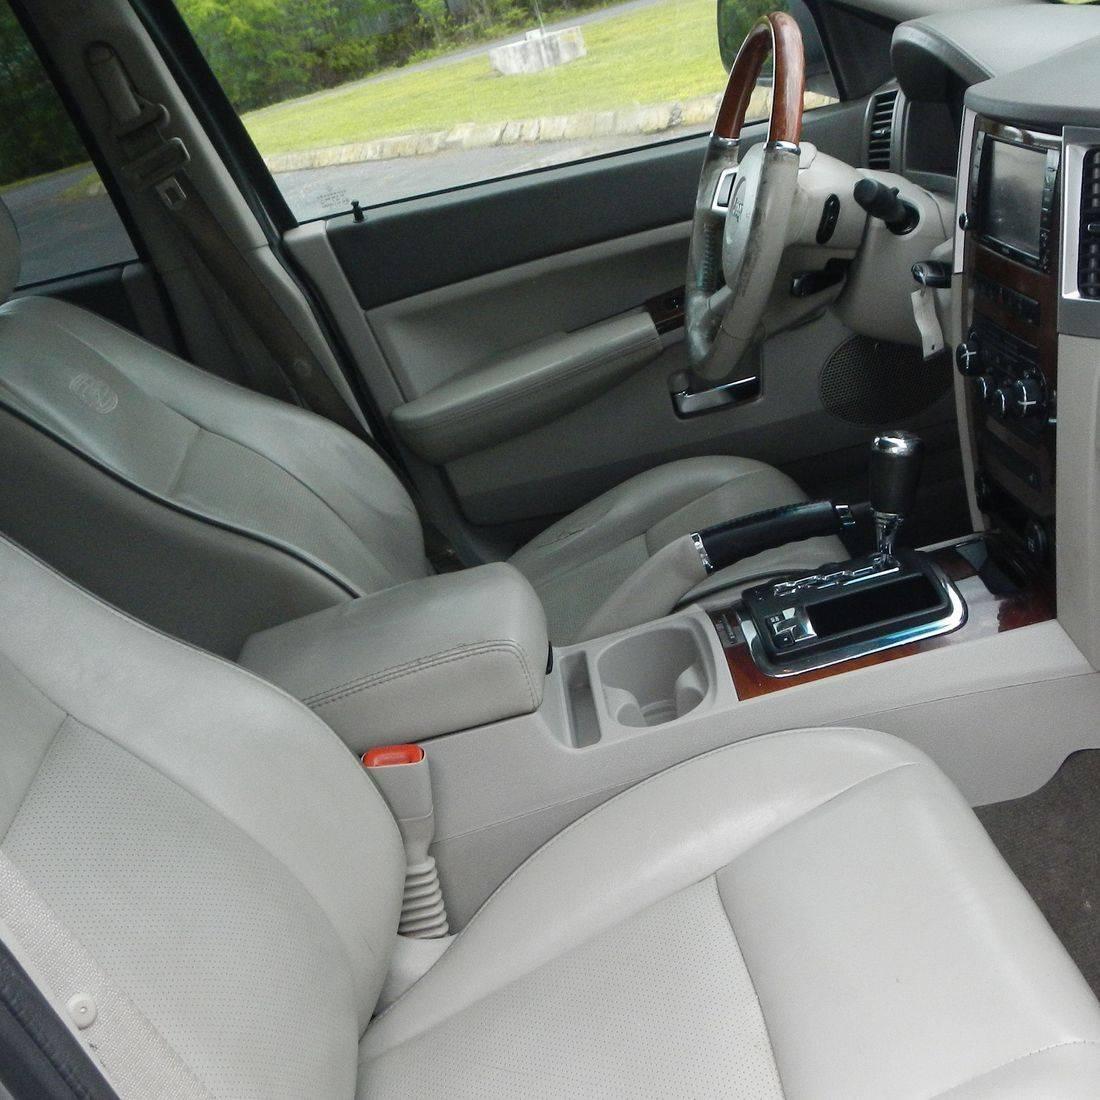 2009 Jeep Grand Cherokee Hemi